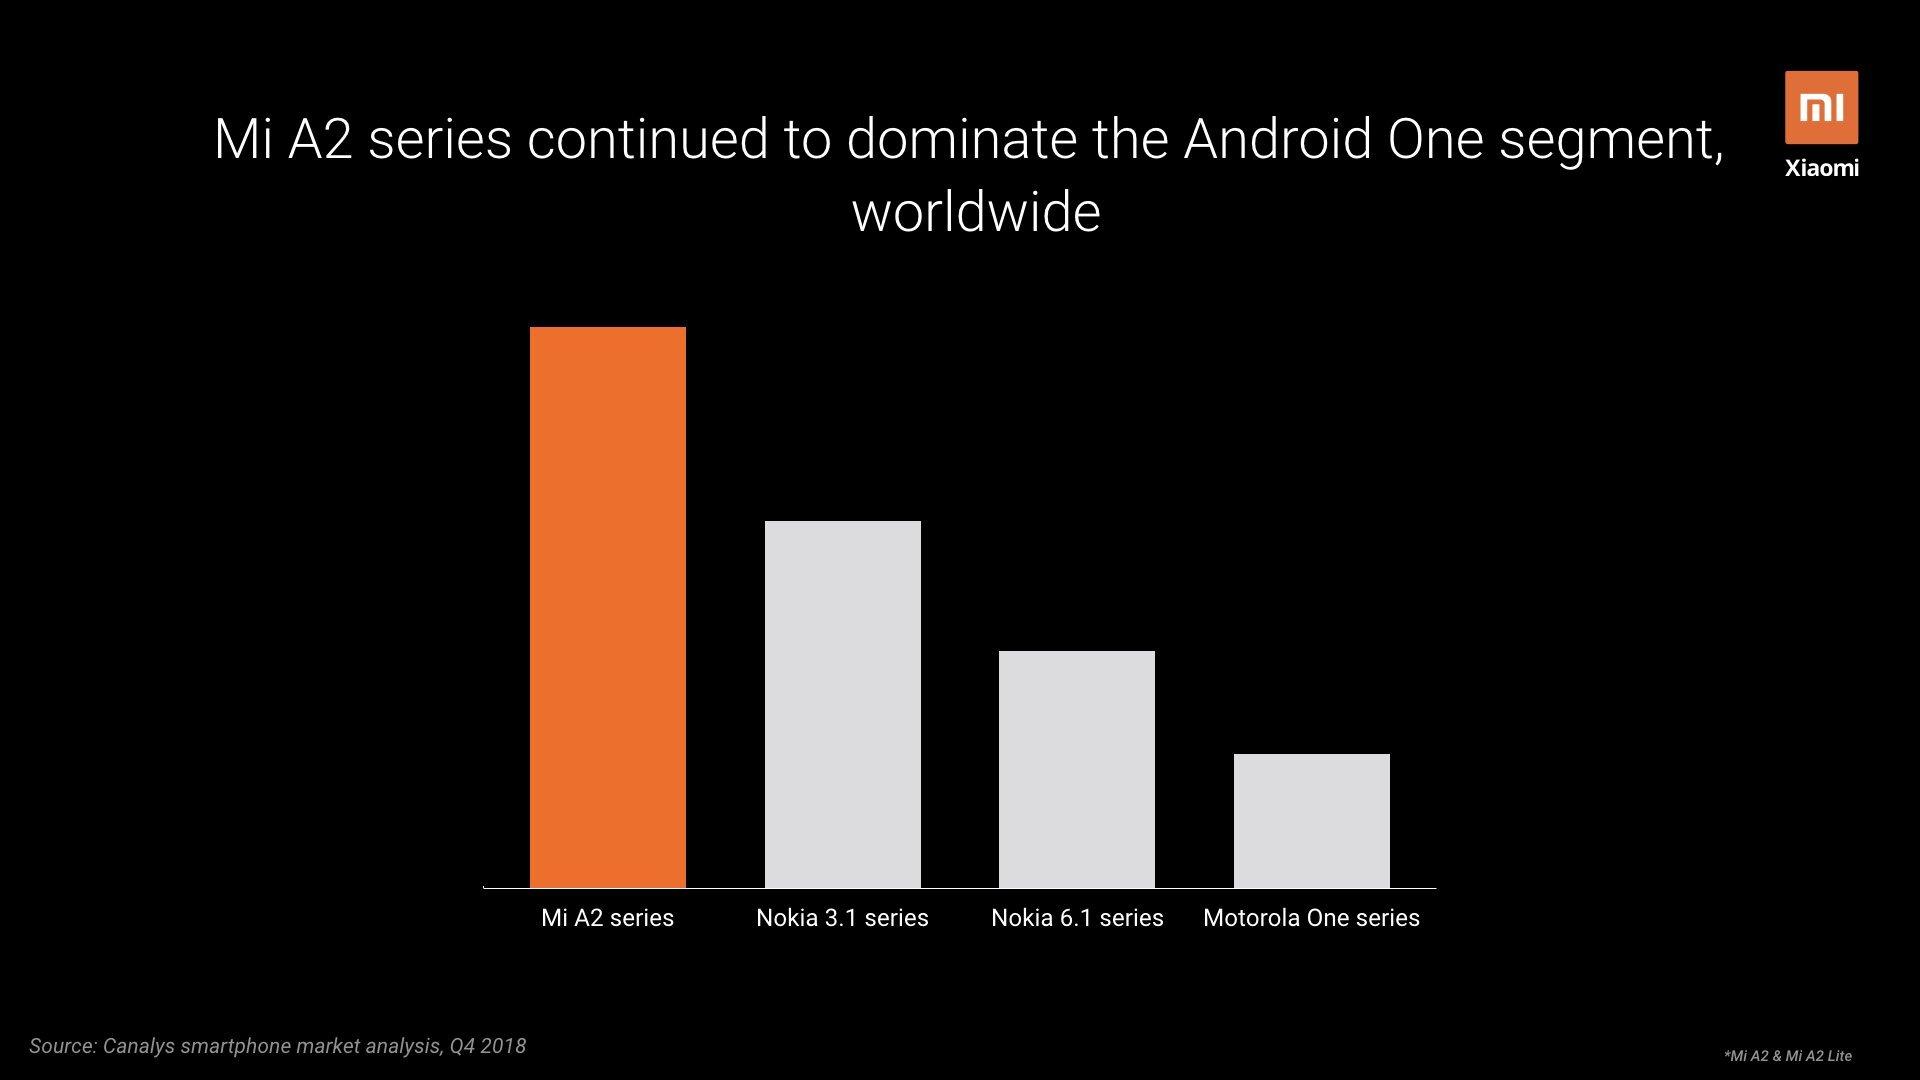 گوشی های سری MI A شیائومی پرفروش ترین گوشی های عرضه شده در پروژه اندروید وان گوگل می باشند